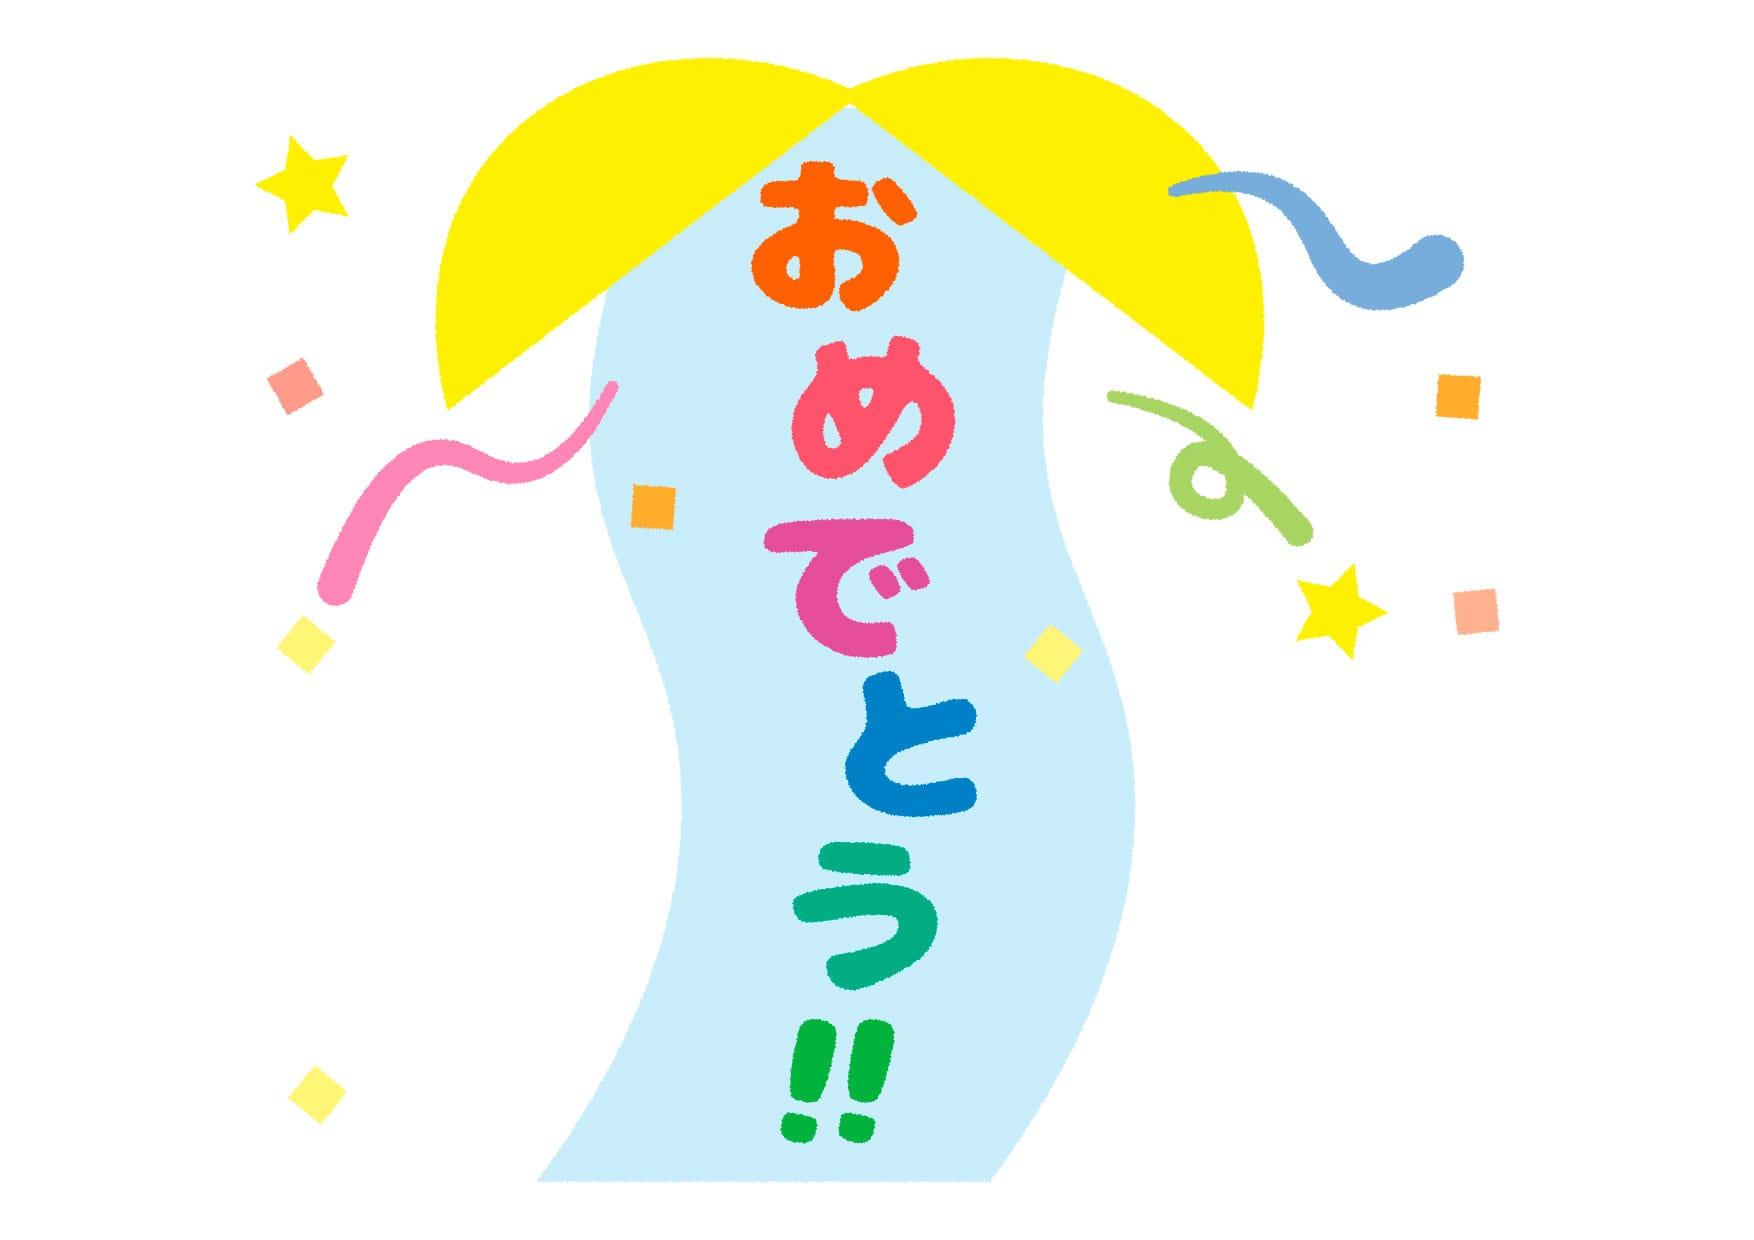 可愛いイラスト無料|くす玉 − free illustration  Kusudama